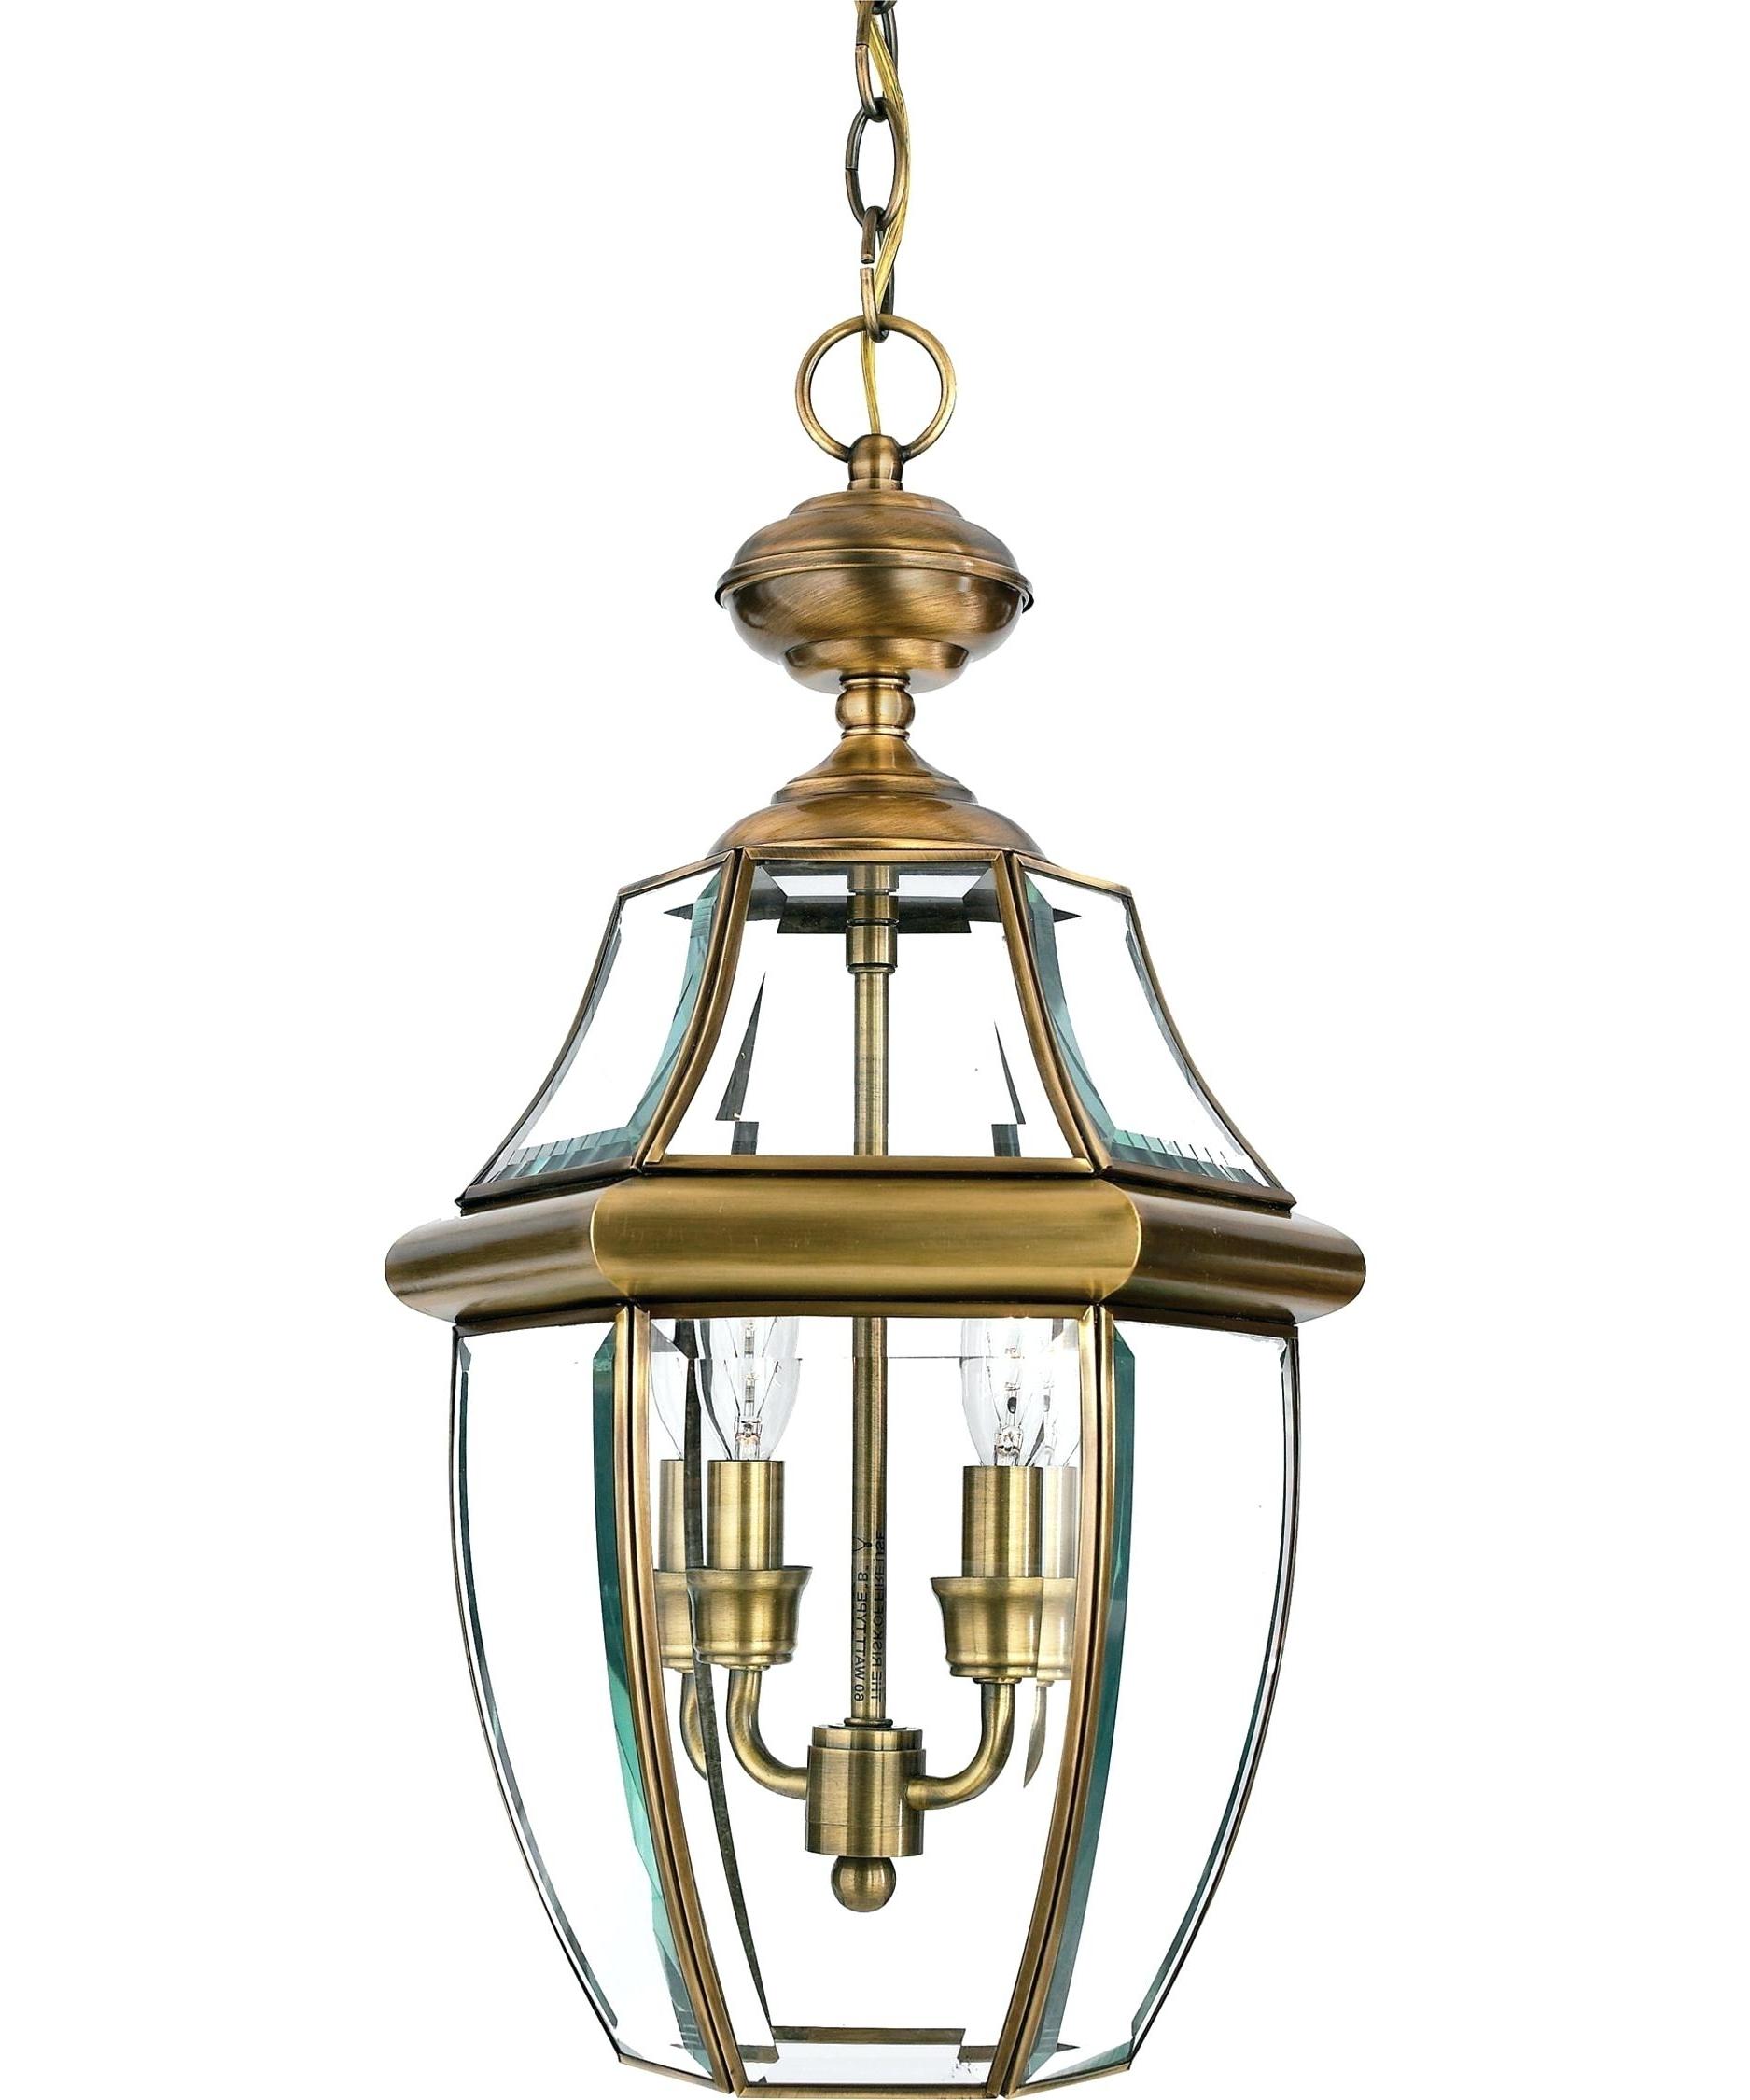 Indoor Outdoor Hanging Lights Throughout Preferred Indoor Hanging Lanterns – Coryc (Gallery 20 of 20)